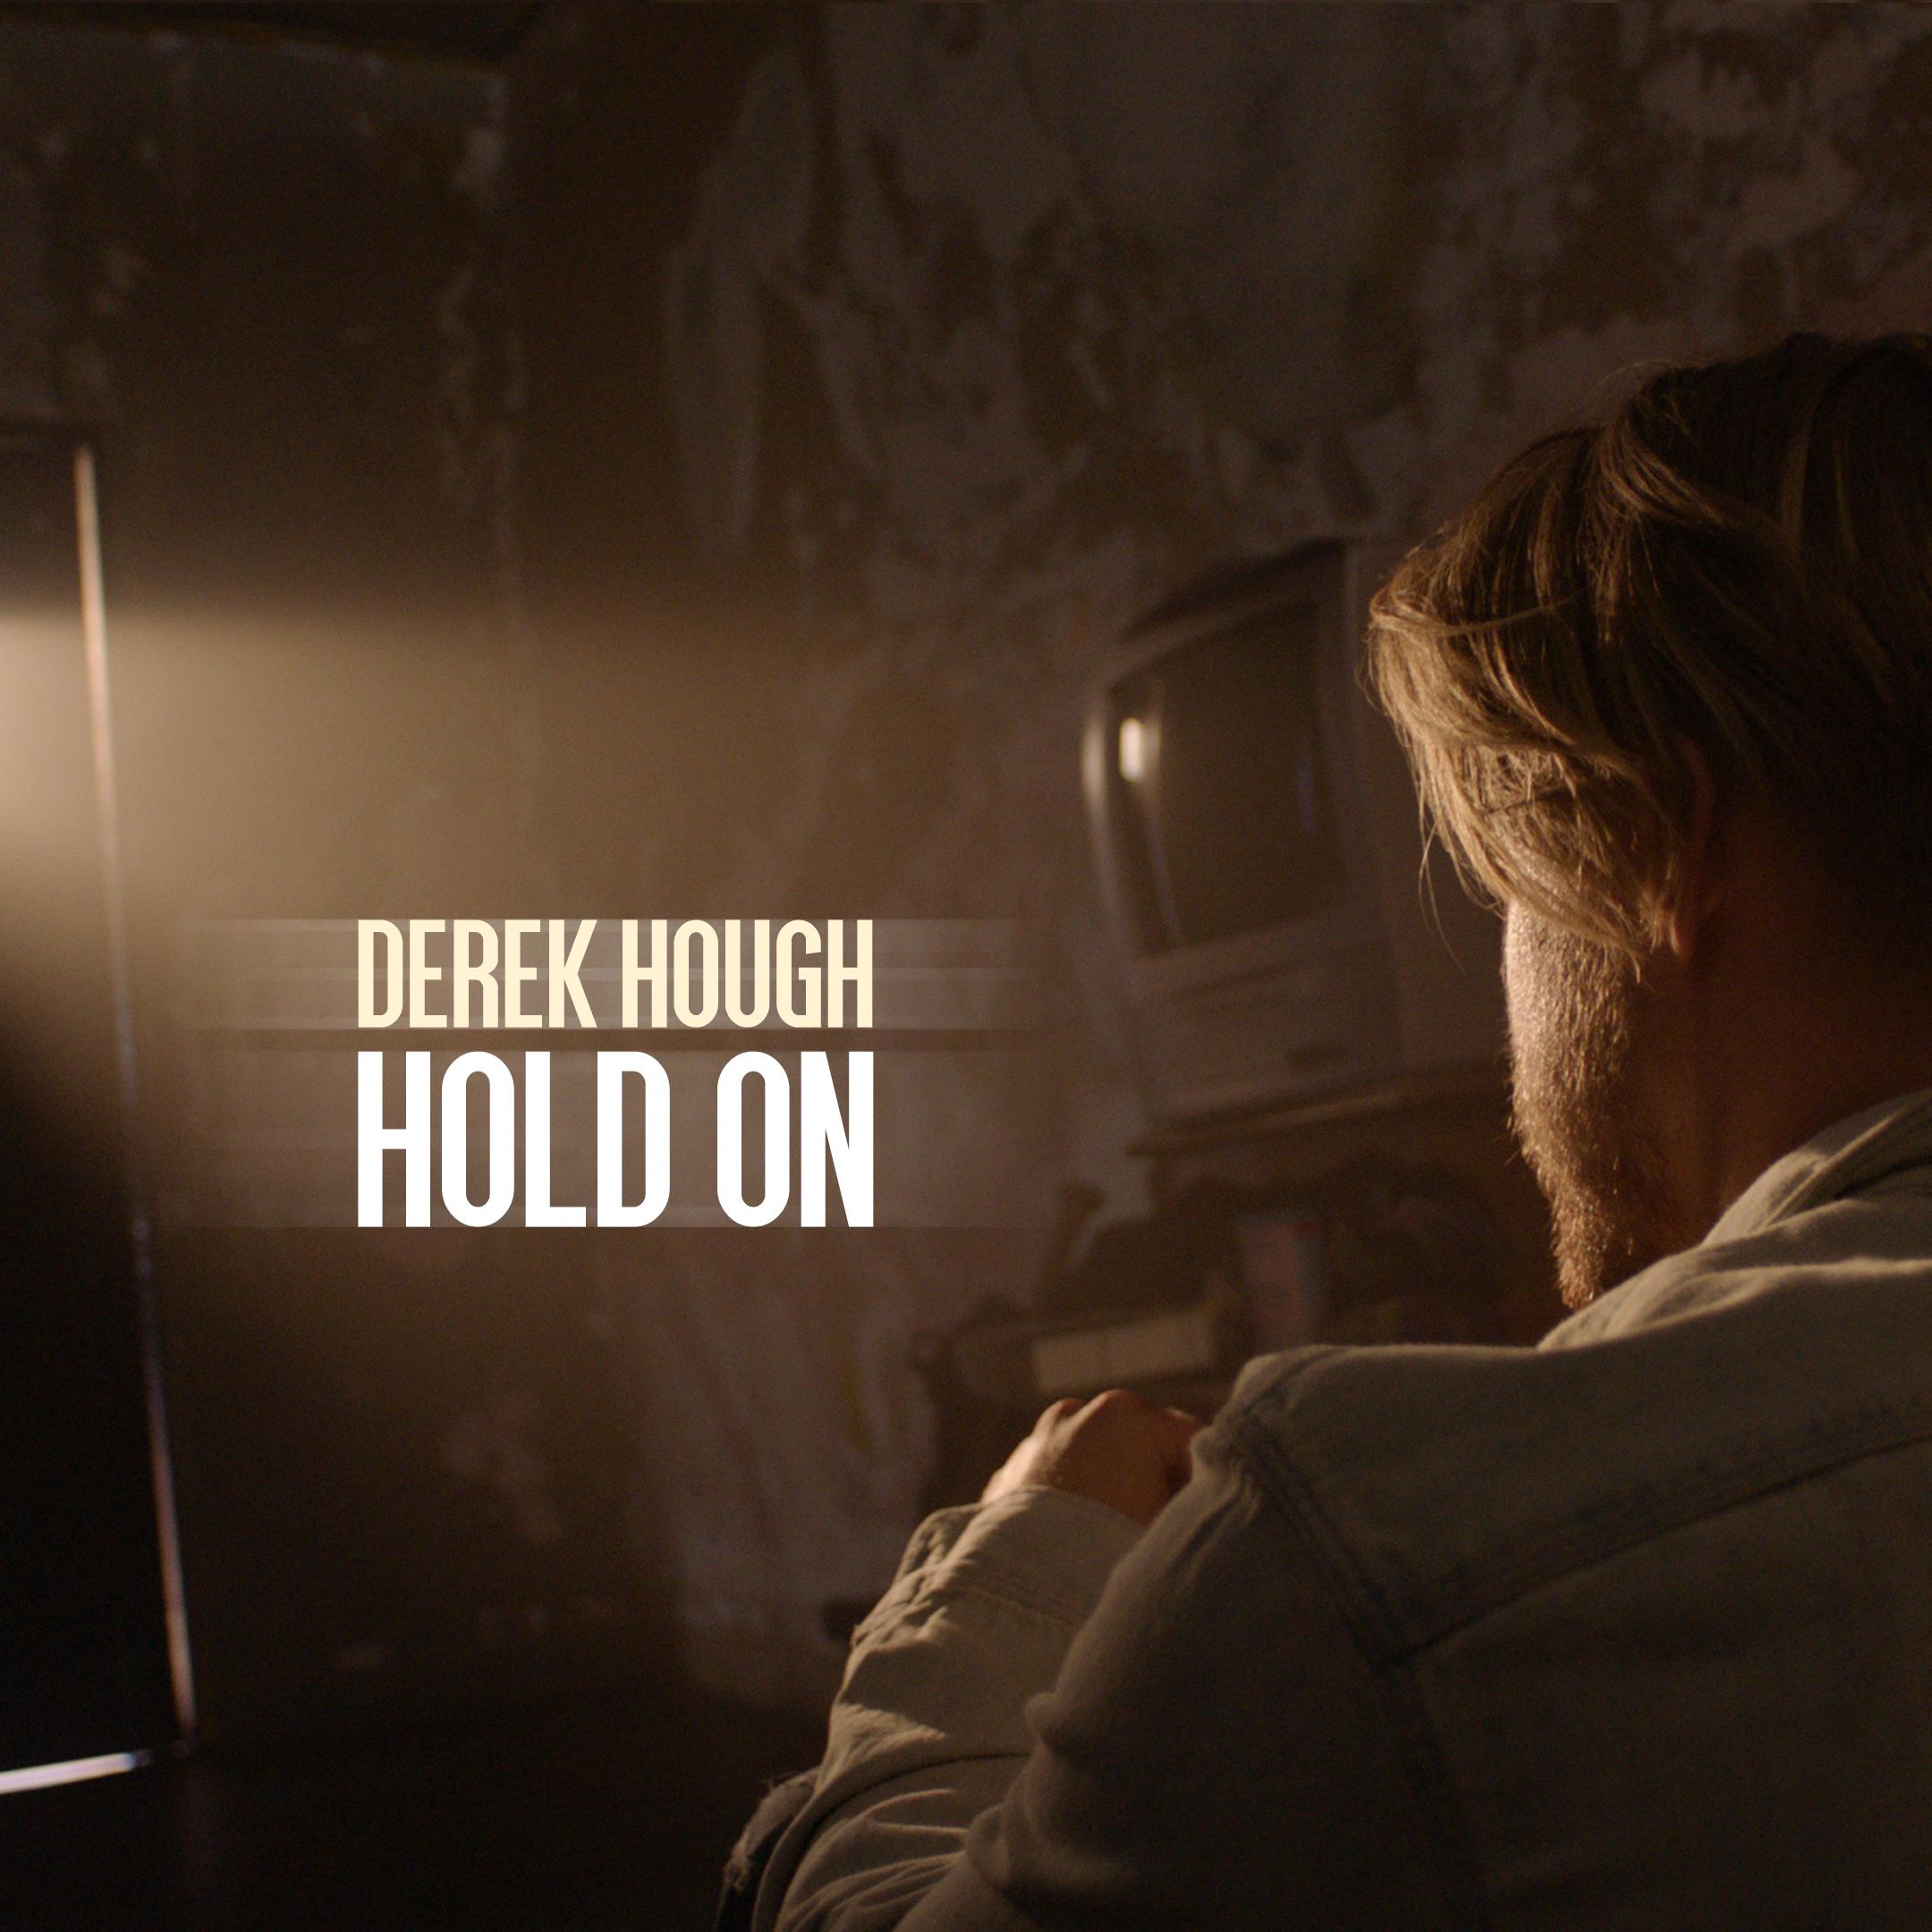 Derek Hough Hold On Art Hi-Res.jpg